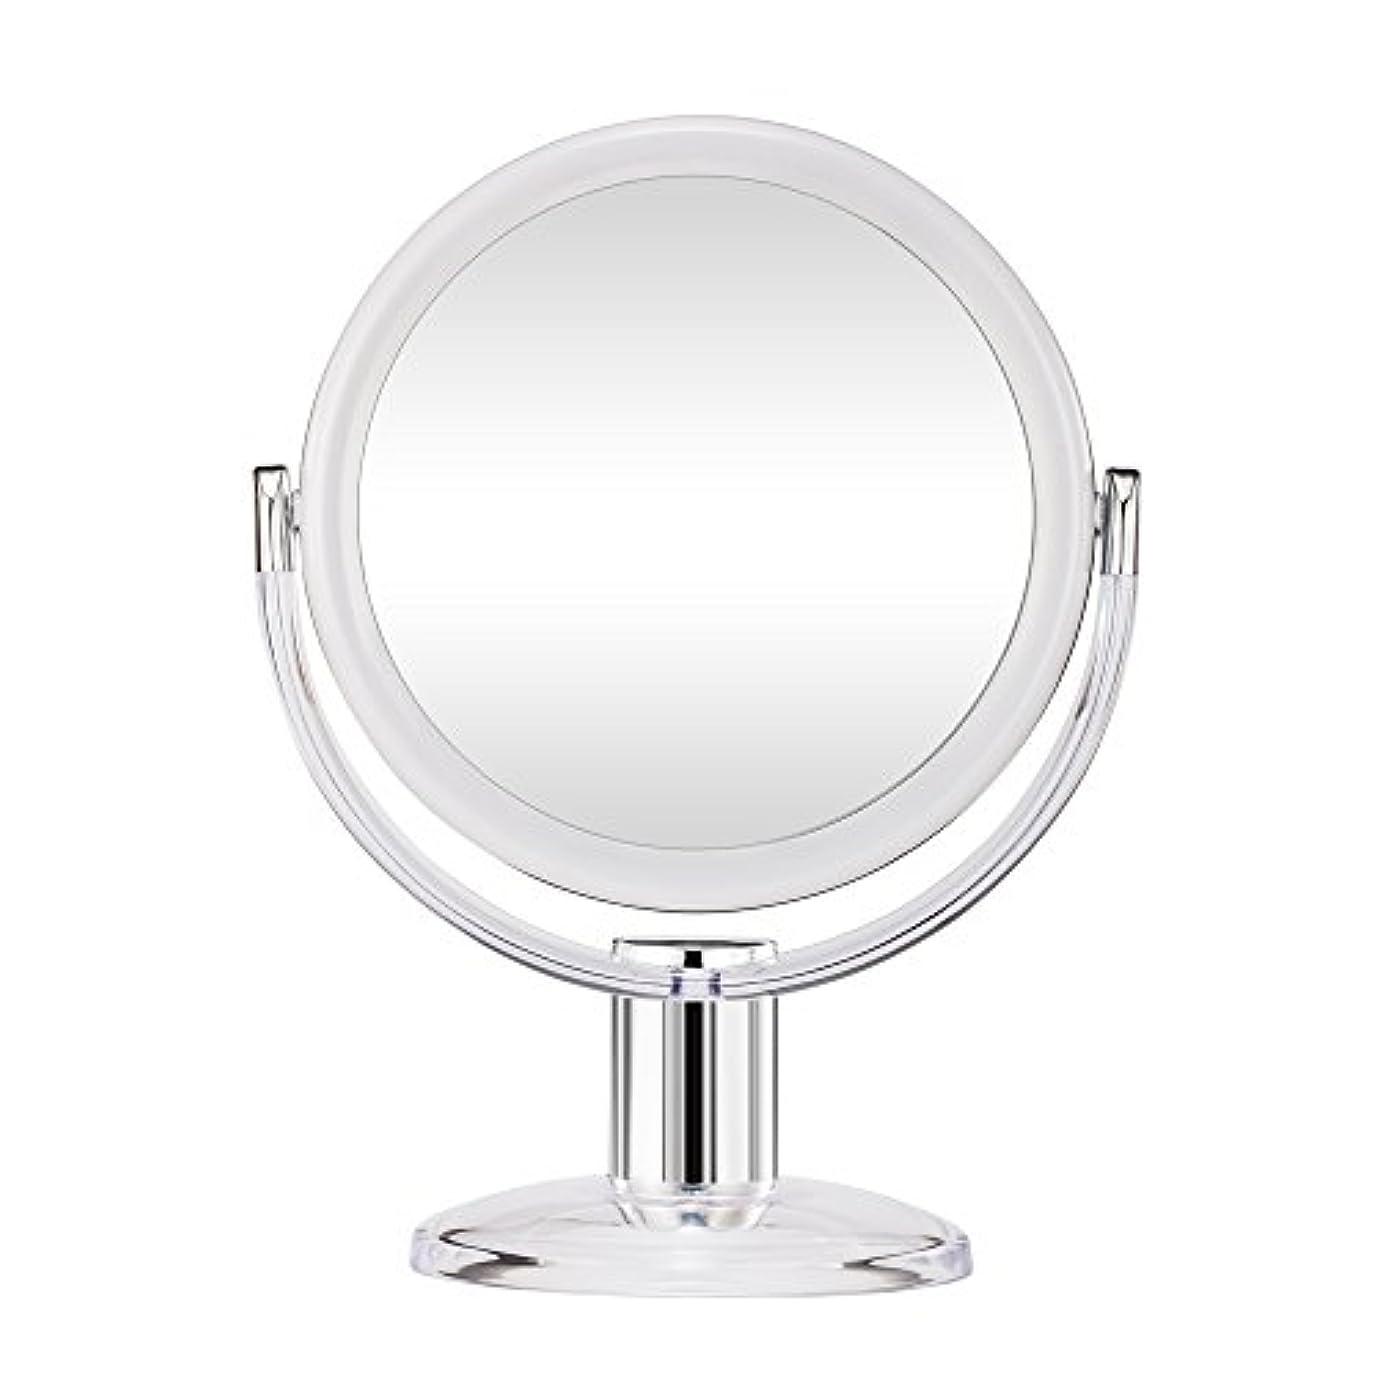 事実上エリートわずかにGotofine スタンドミラー 卓上鏡 両面鏡 10倍と等倍 透明 アクリル樹脂 おしゃれ 円型